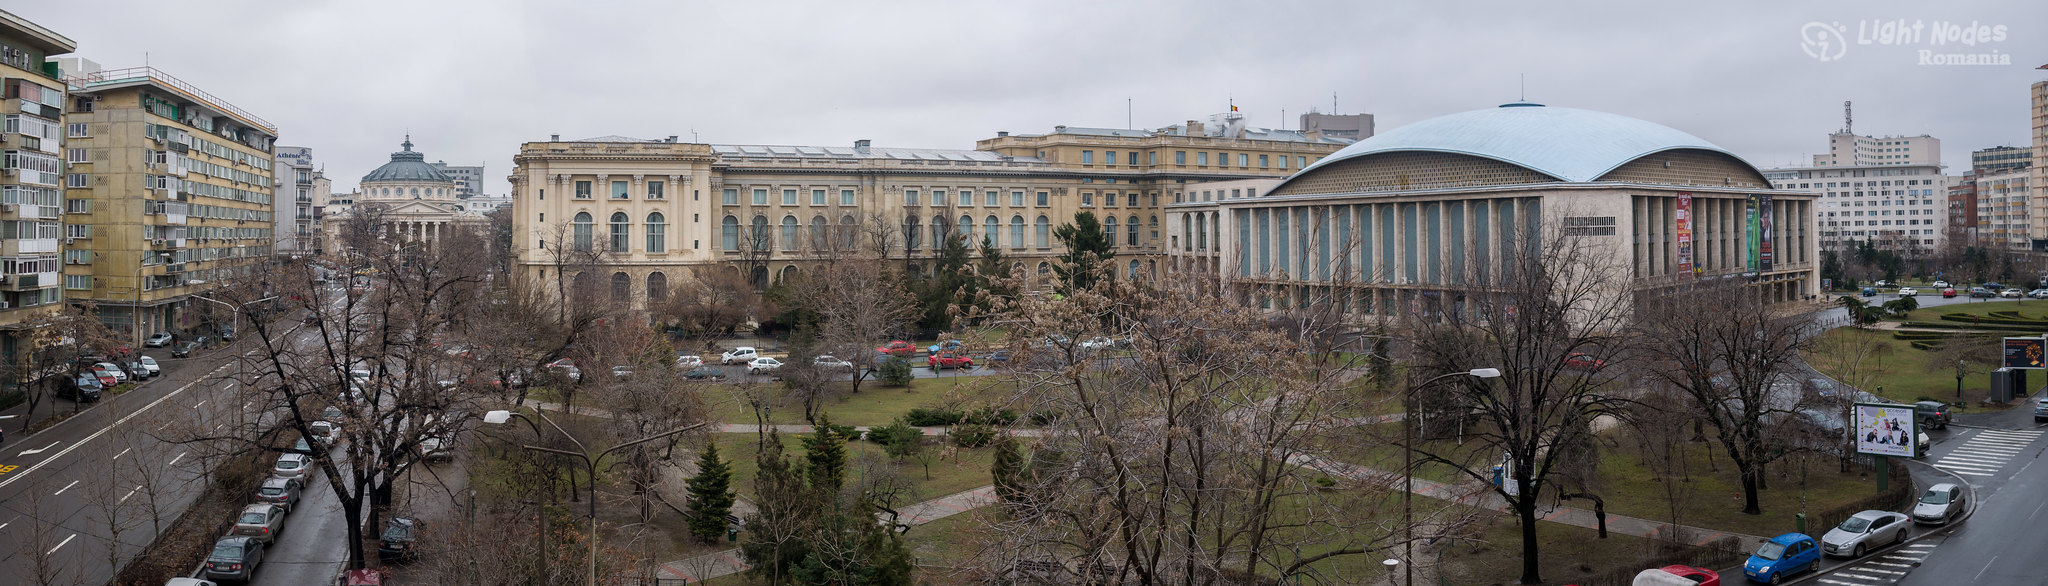 Sala Palatului, București, Romania with GX7 and 20mm